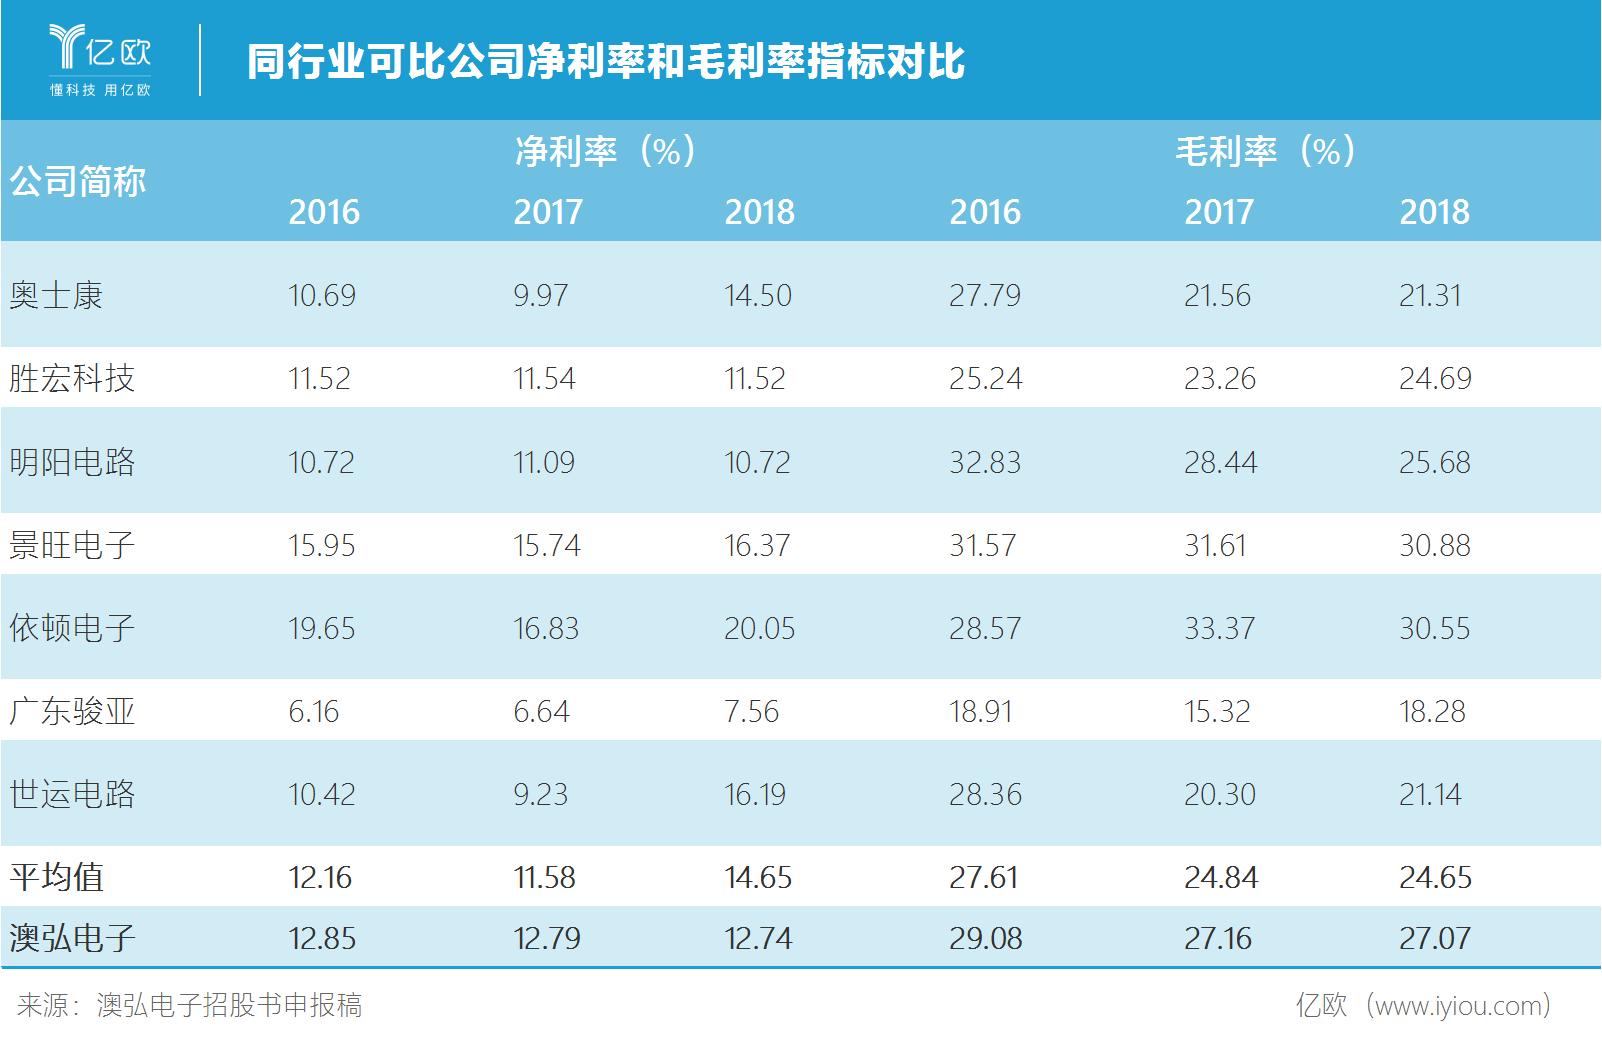 同行业可比公司净利率和毛利率指标对比.png